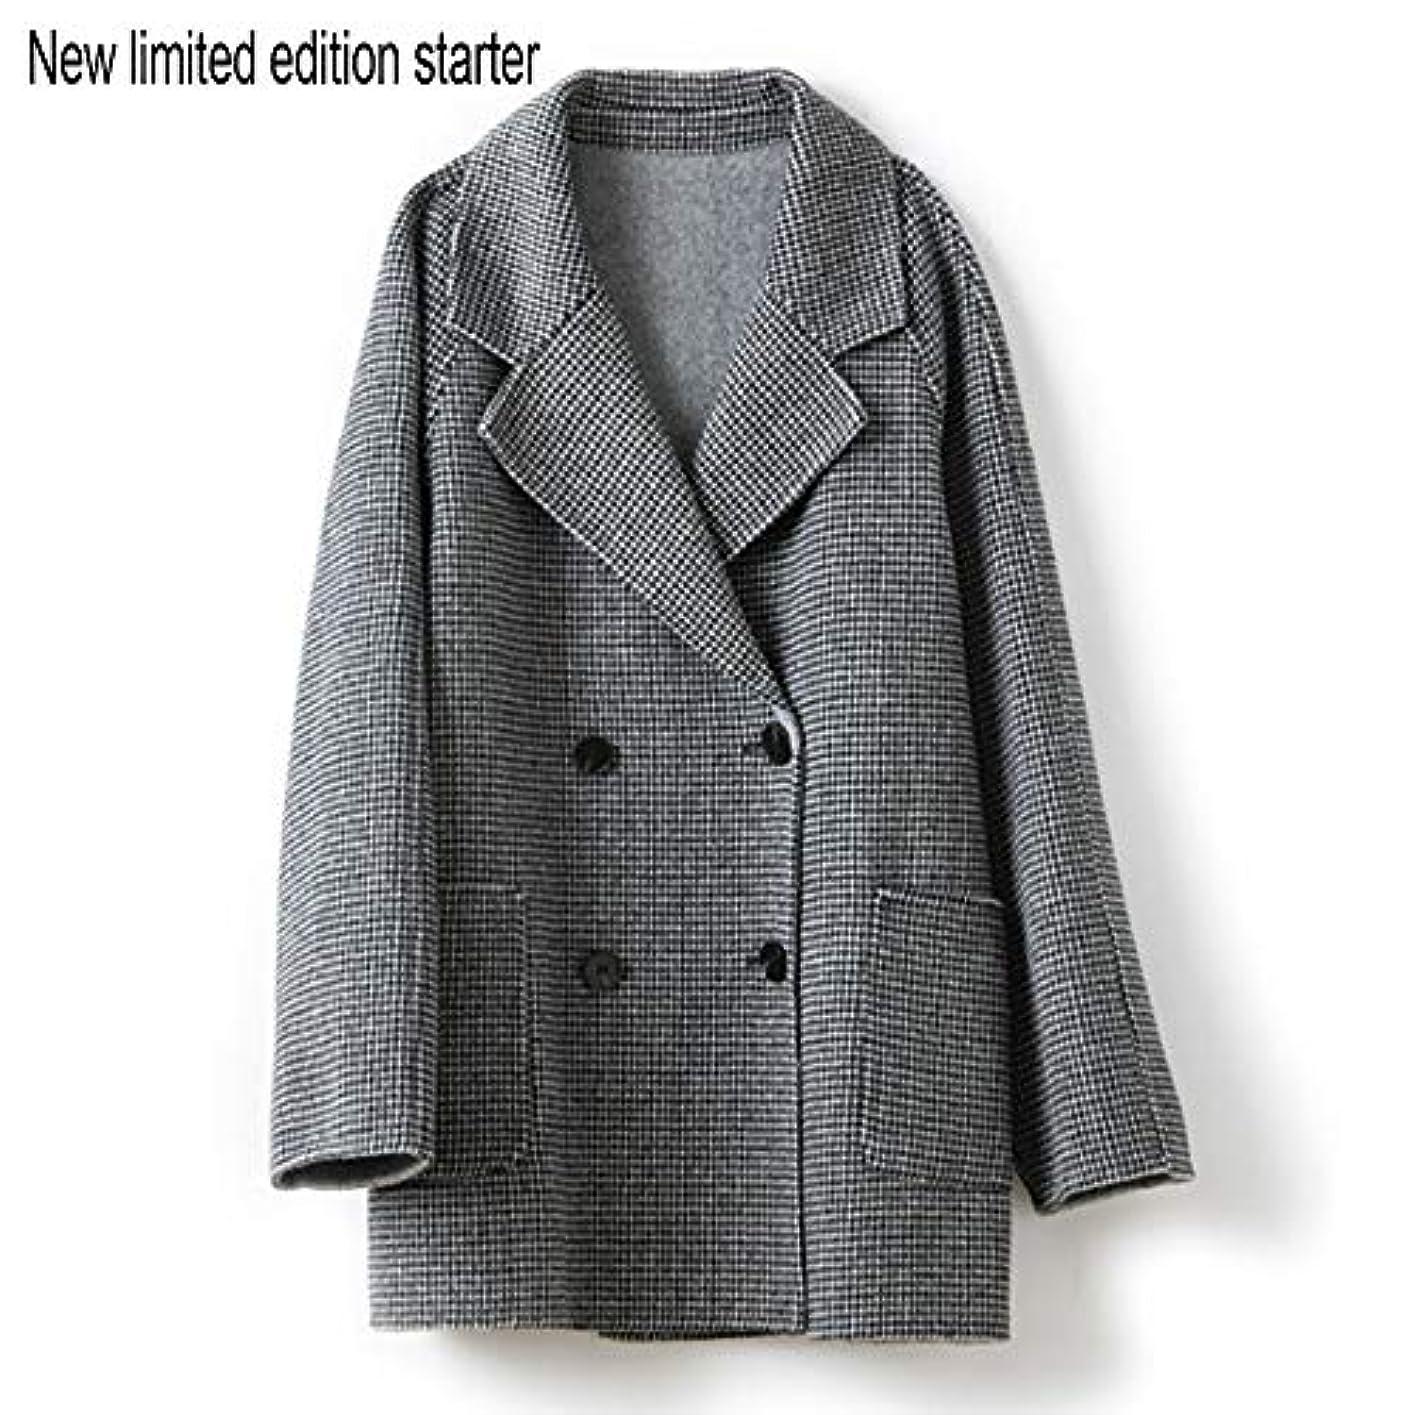 世紀モチーフ変更可能ウールコート婦人服、ダブルブレストラペルファインダブルフェイスコートレディースロングセクションウールコート婦人服,黒,L